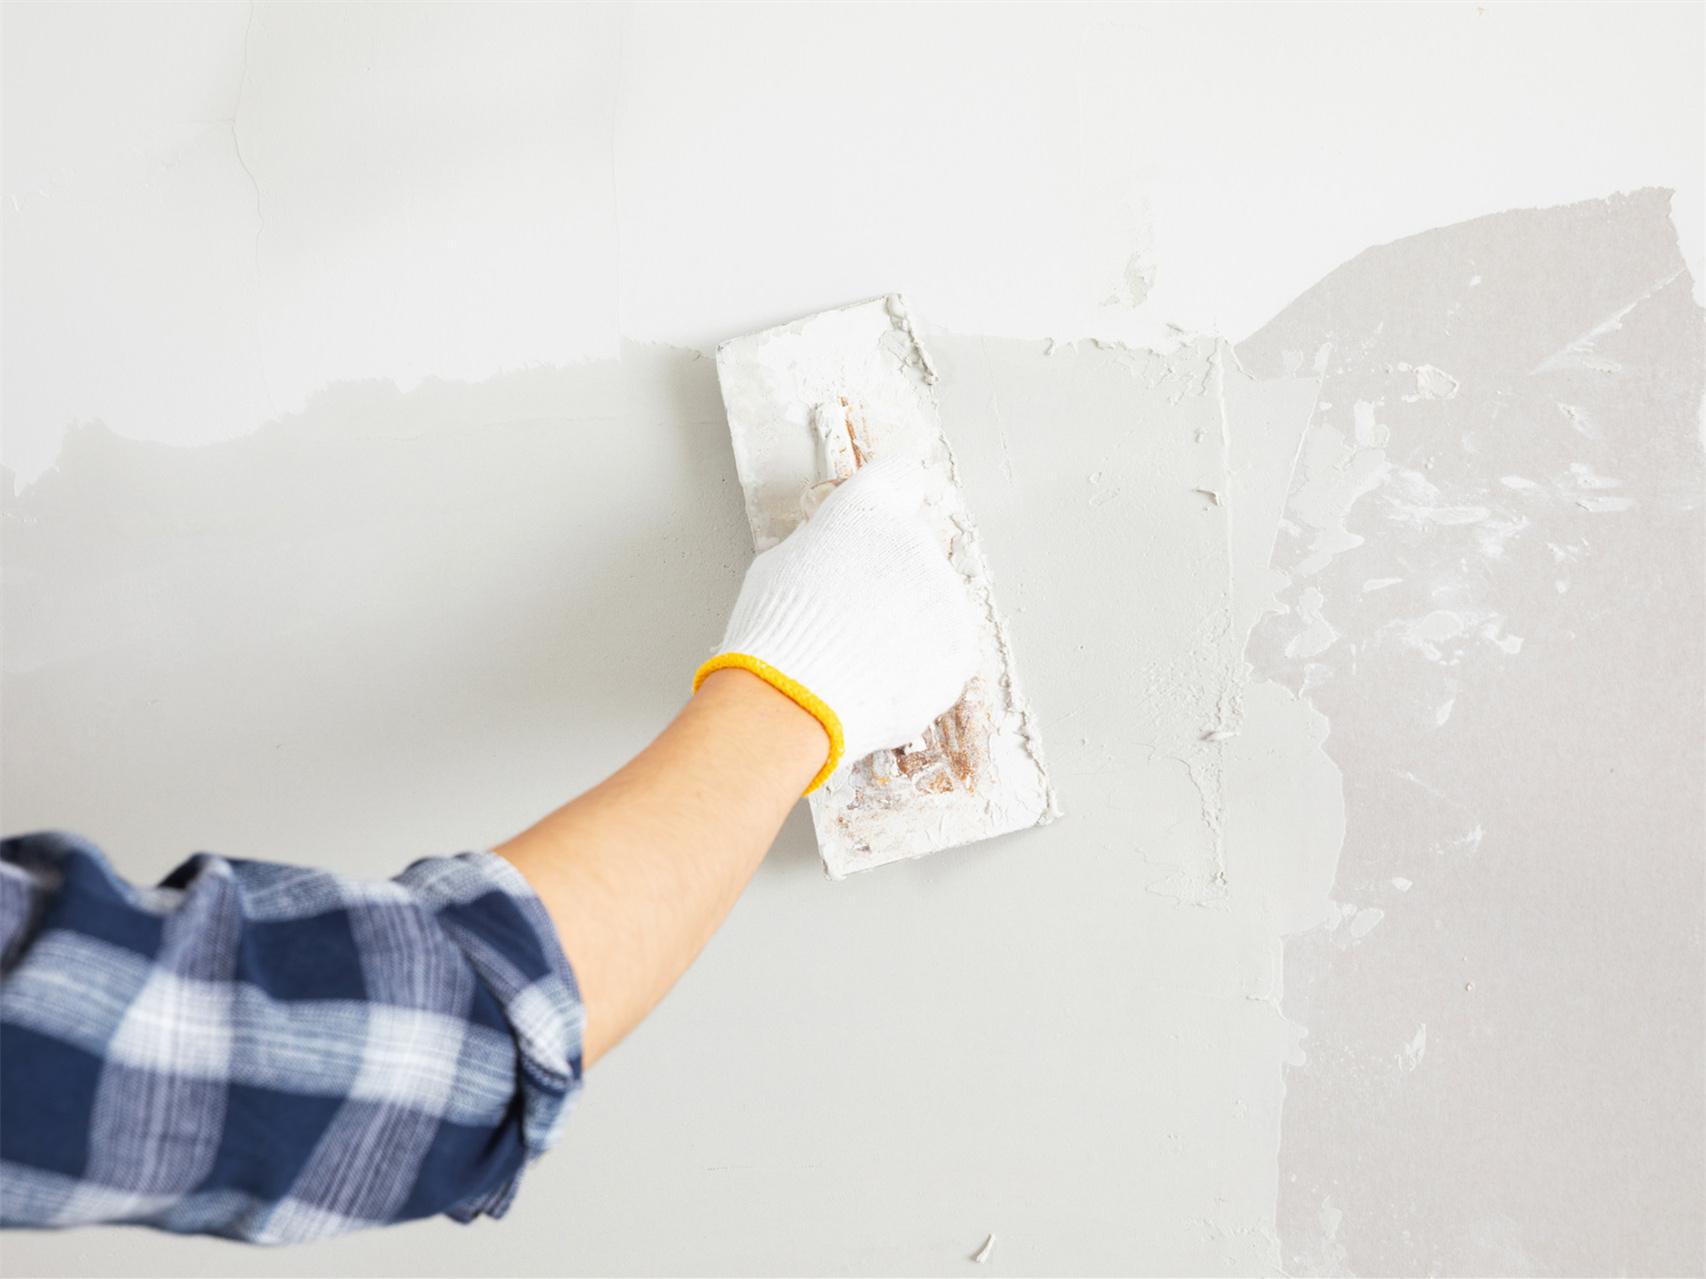 房屋装修的流程具体施工步骤是什么?